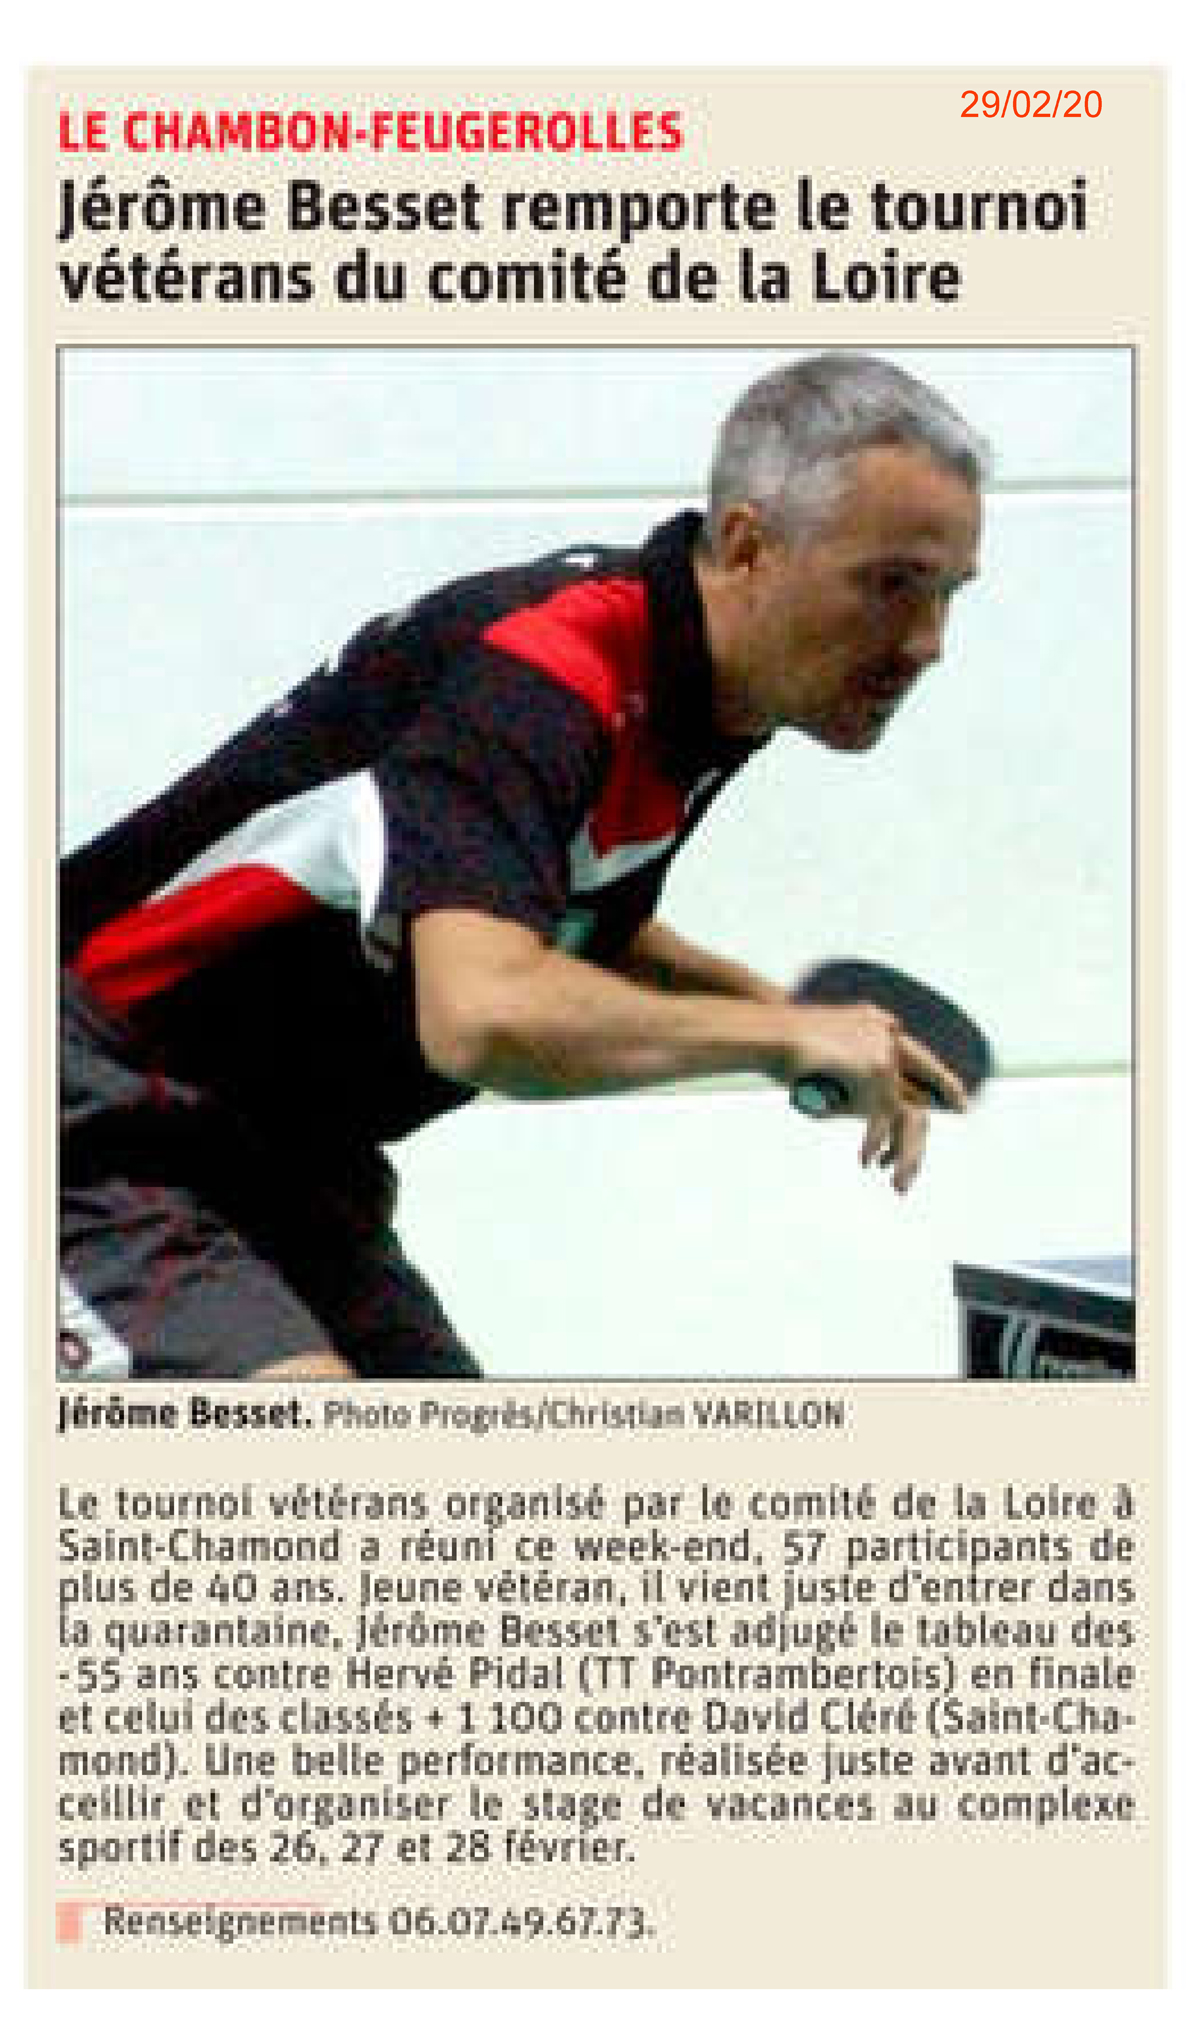 Le tournoi Vétérans pour Jérôme Besset